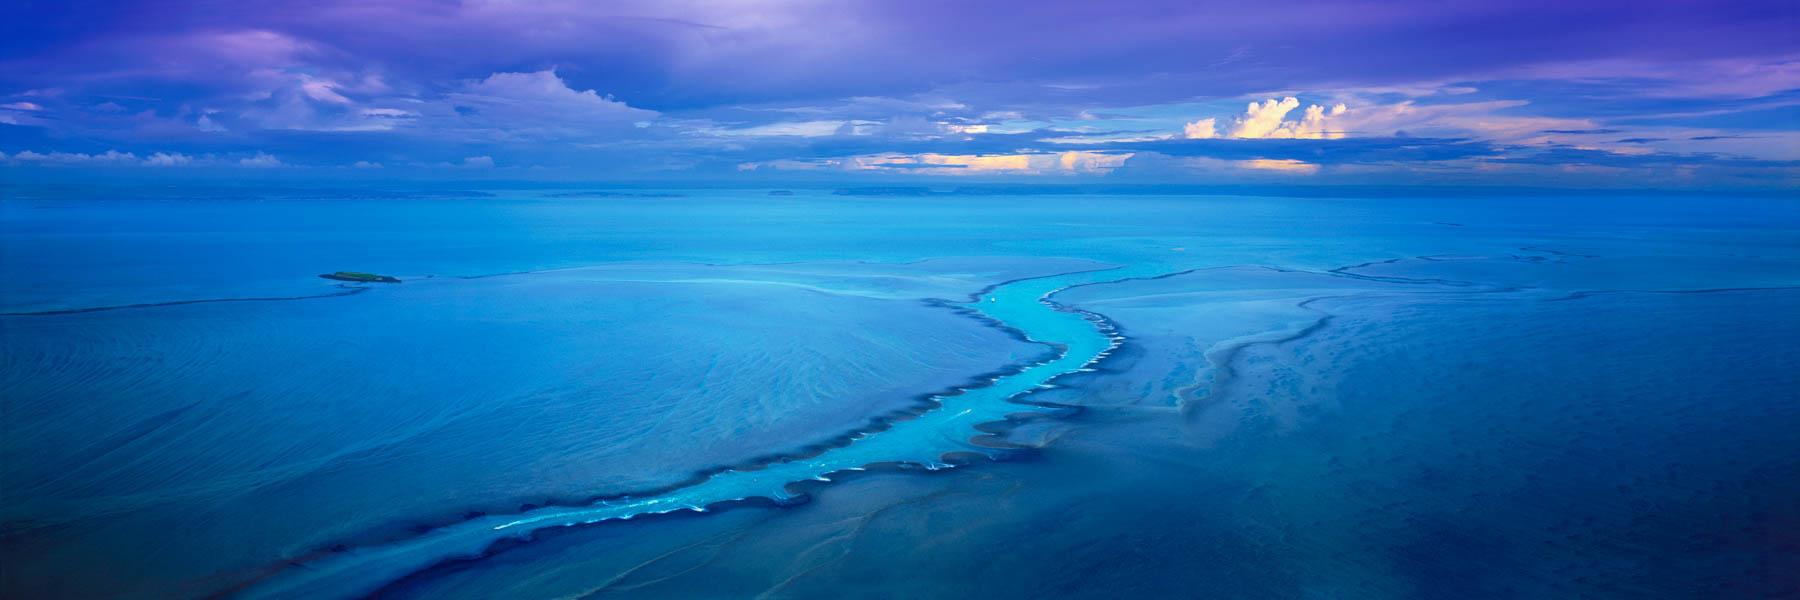 Aerial view of Montgomery Reef, Kimberleys, WA, Australia.